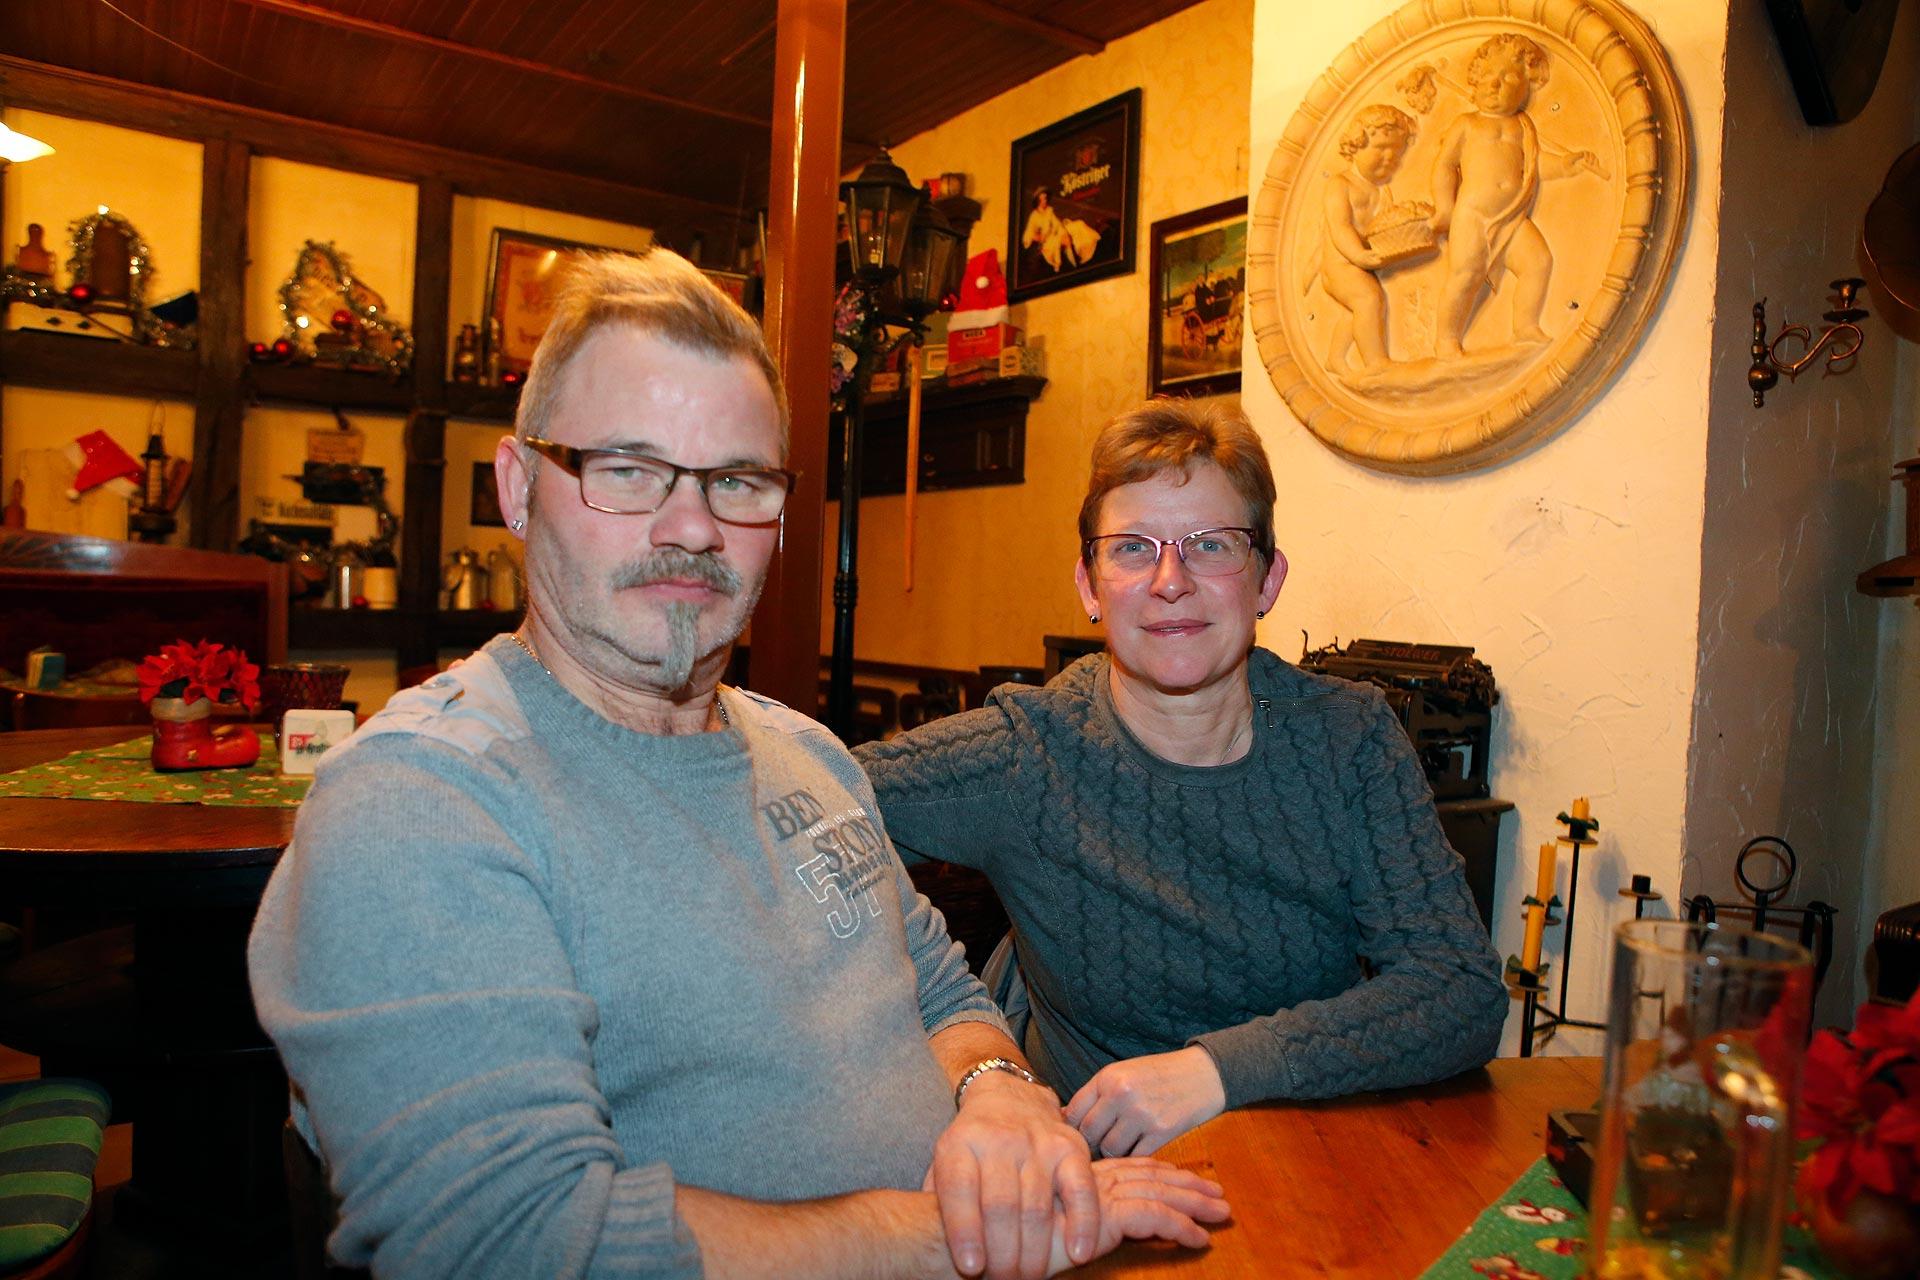 Frank und Birgit Mock wohnen gleich um die Ecke und kommen seit 16 Jahren hierher